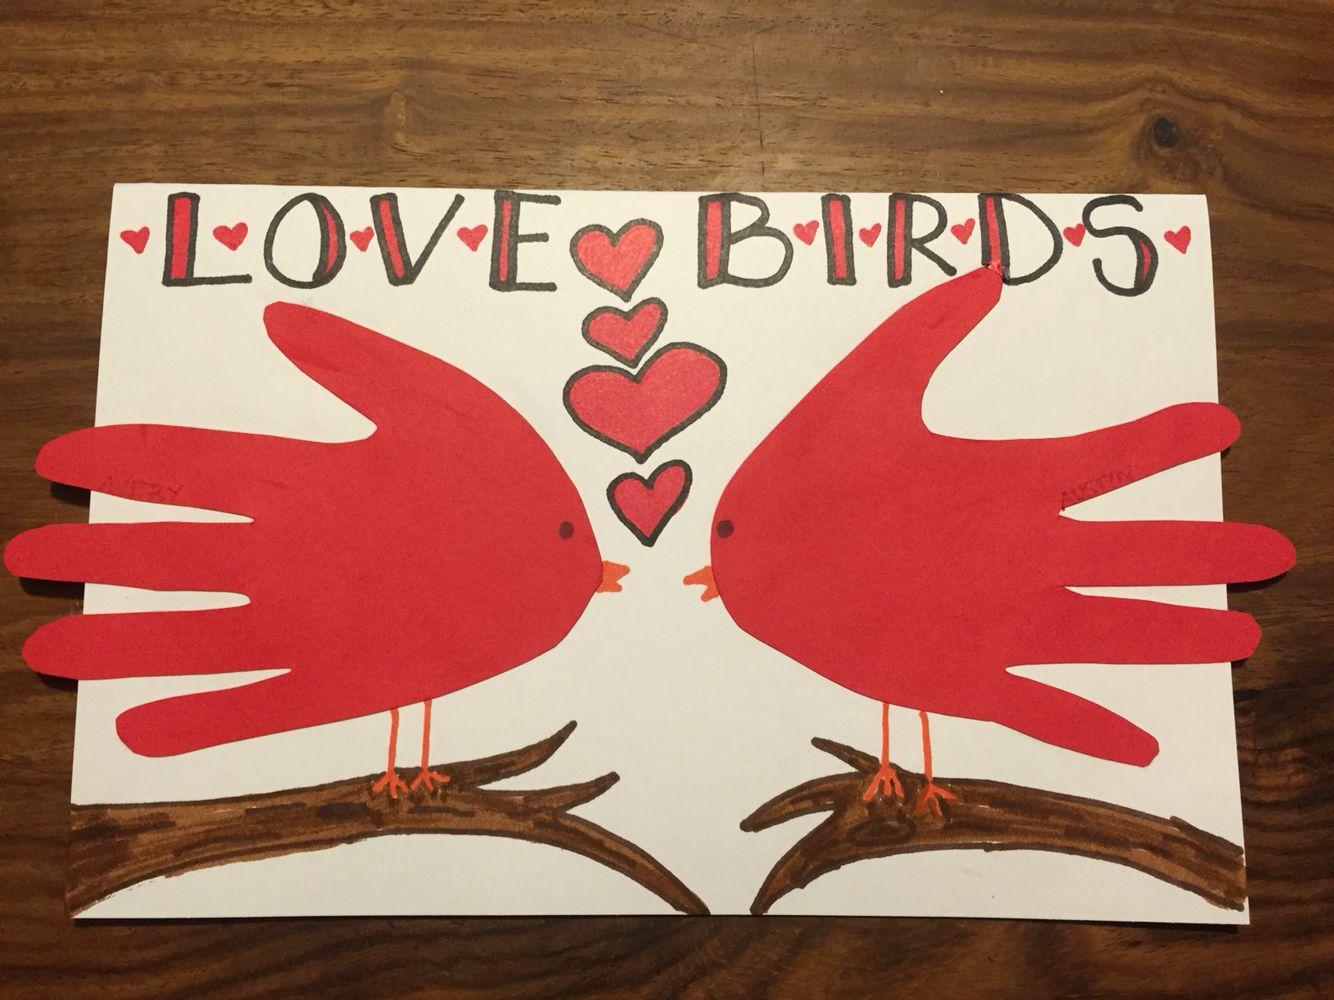 lovebirds handprint birds valentine's day or anniversary